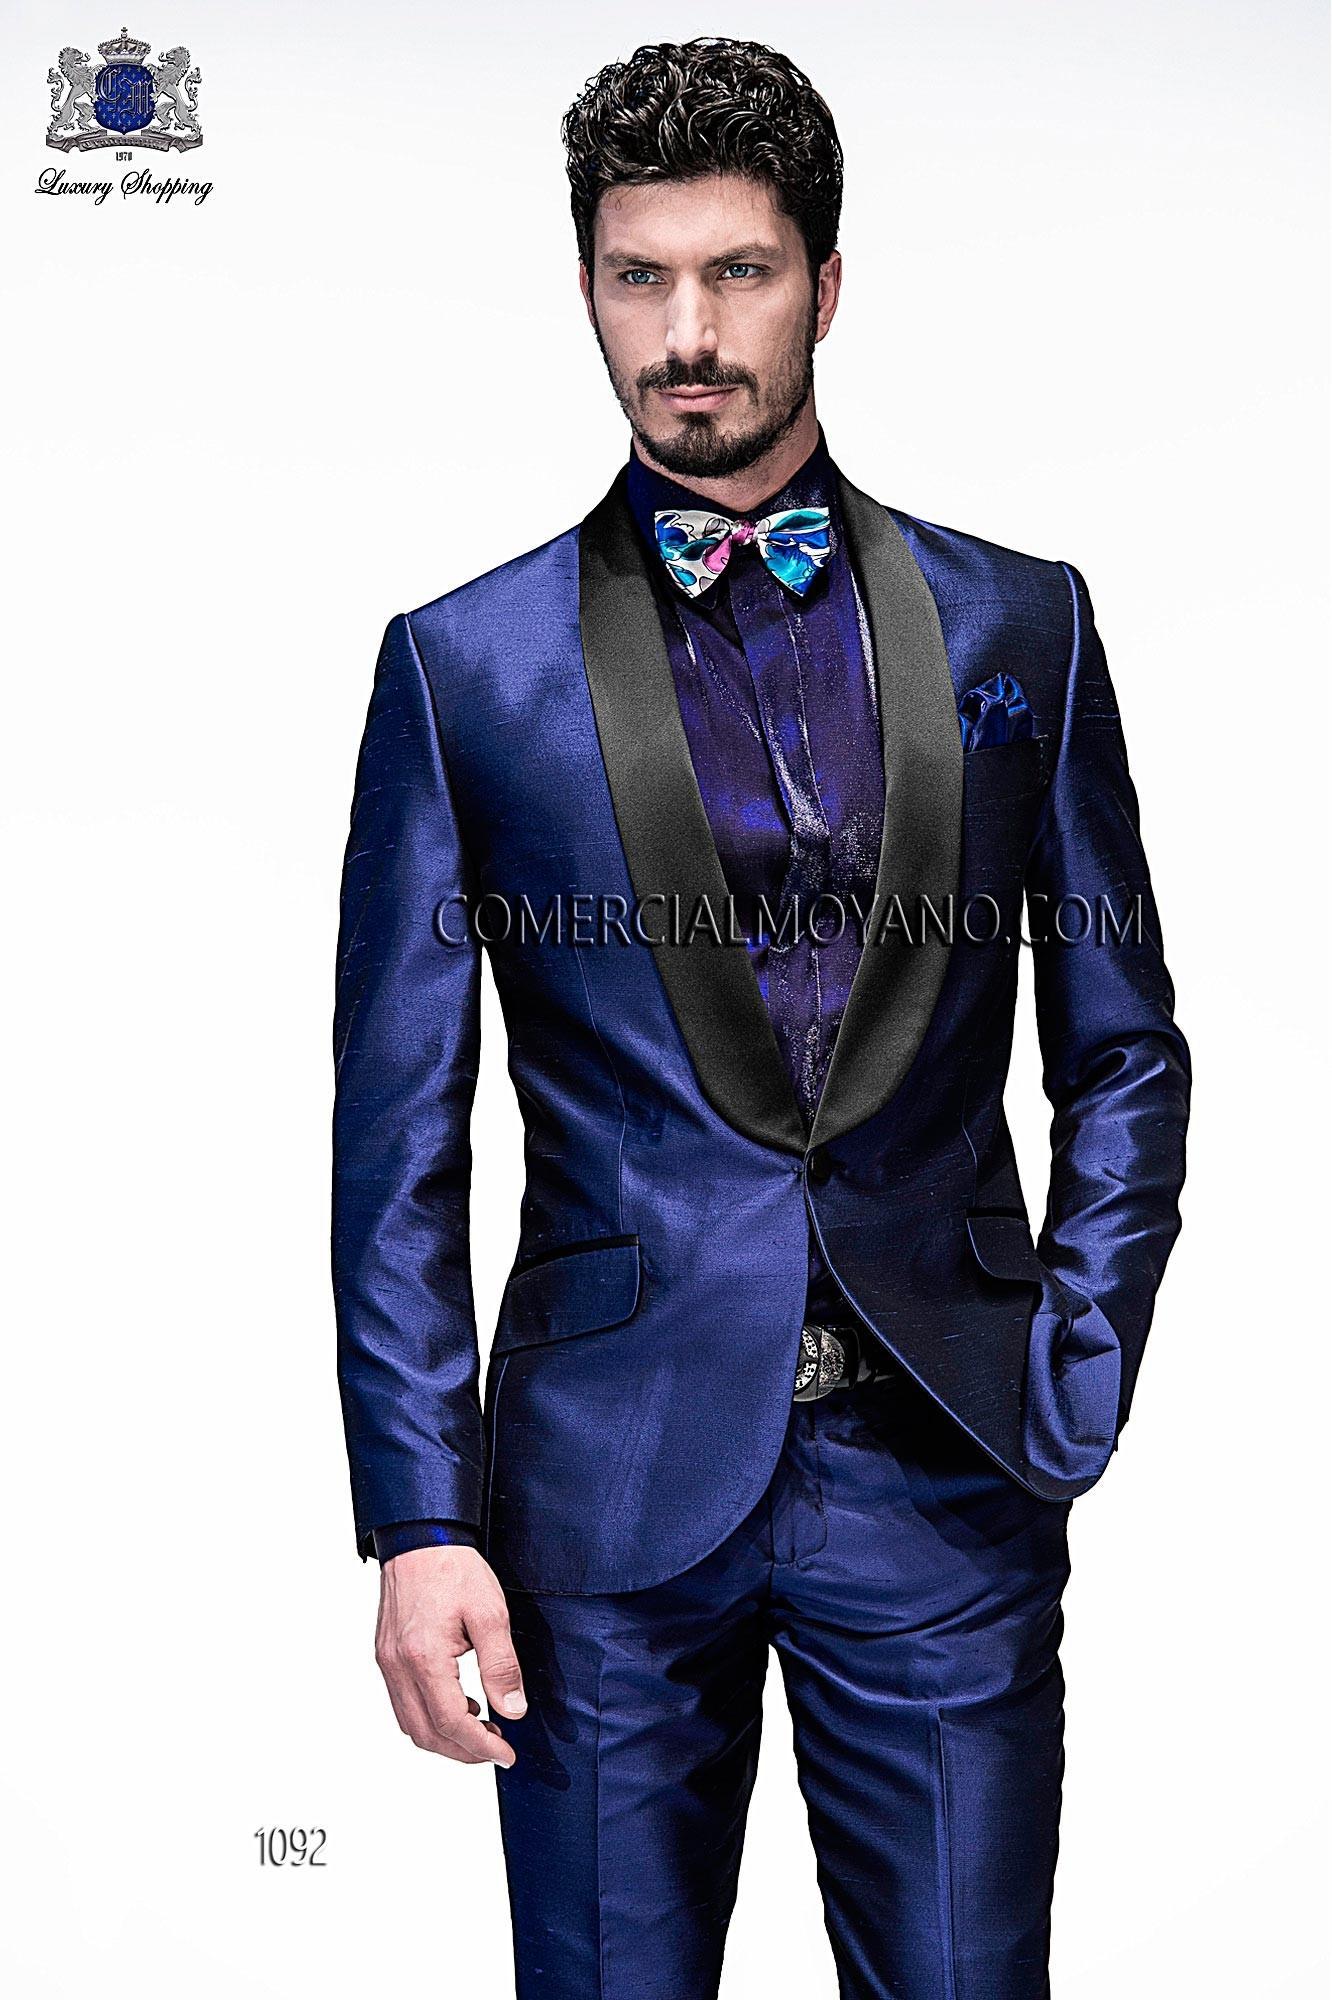 Traje de moda hombre azul modelo: 1092 Ottavio Nuccio Gala colección Emotion